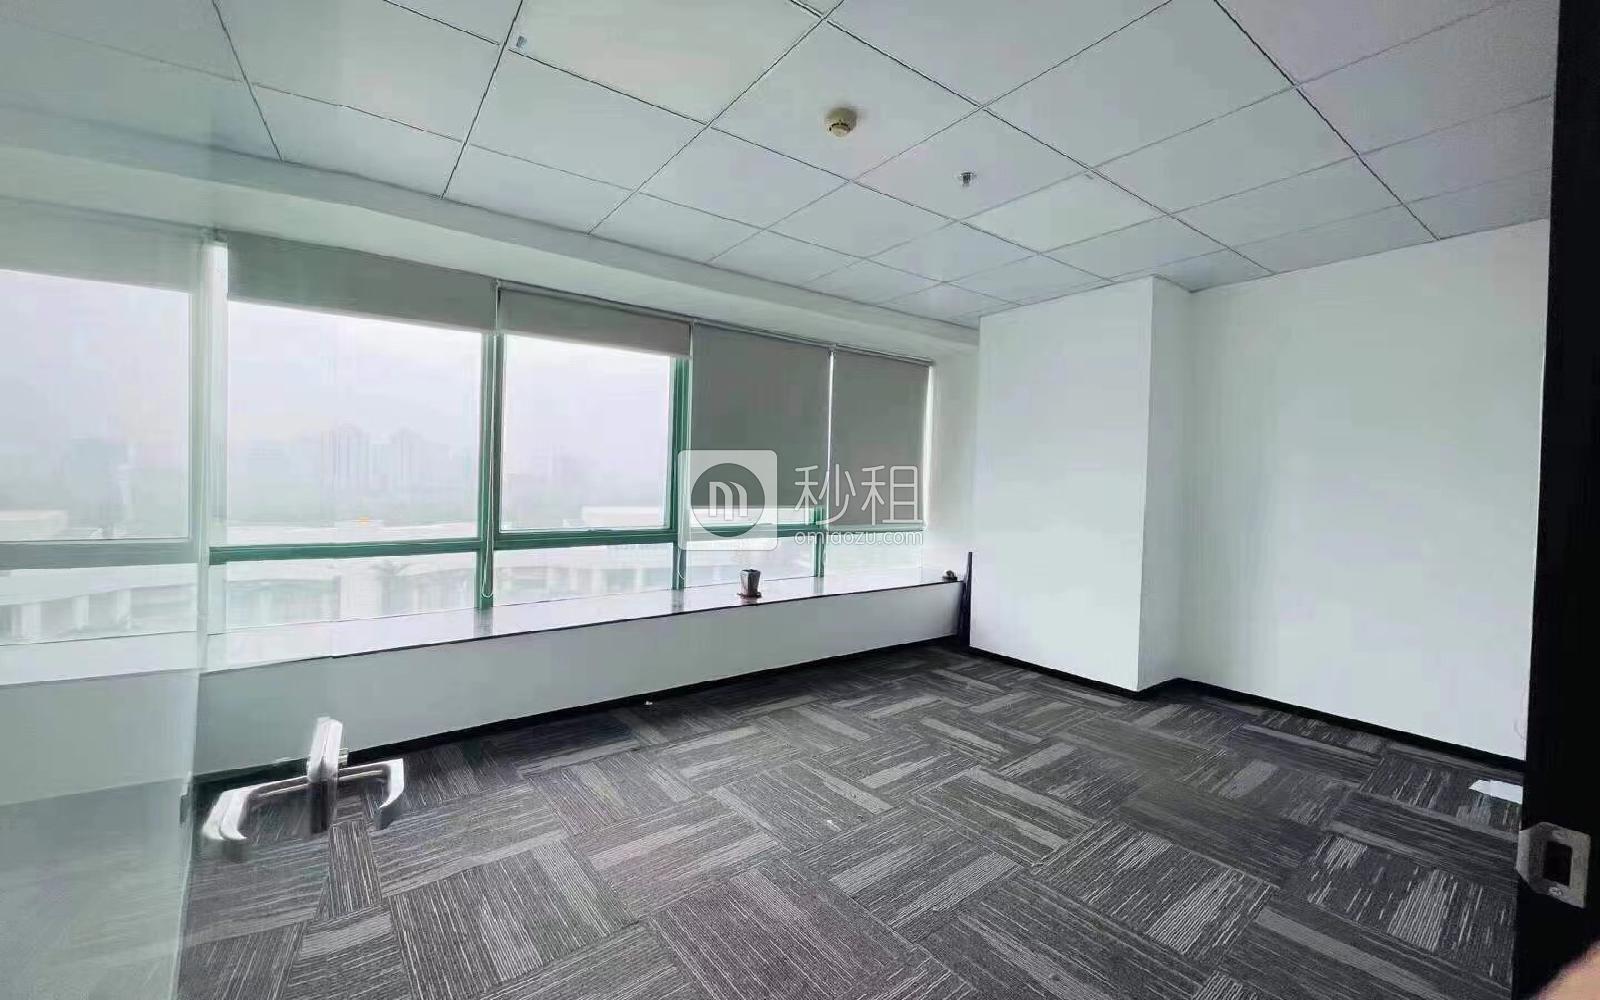 南山-南头 西海明珠大厦 150m²